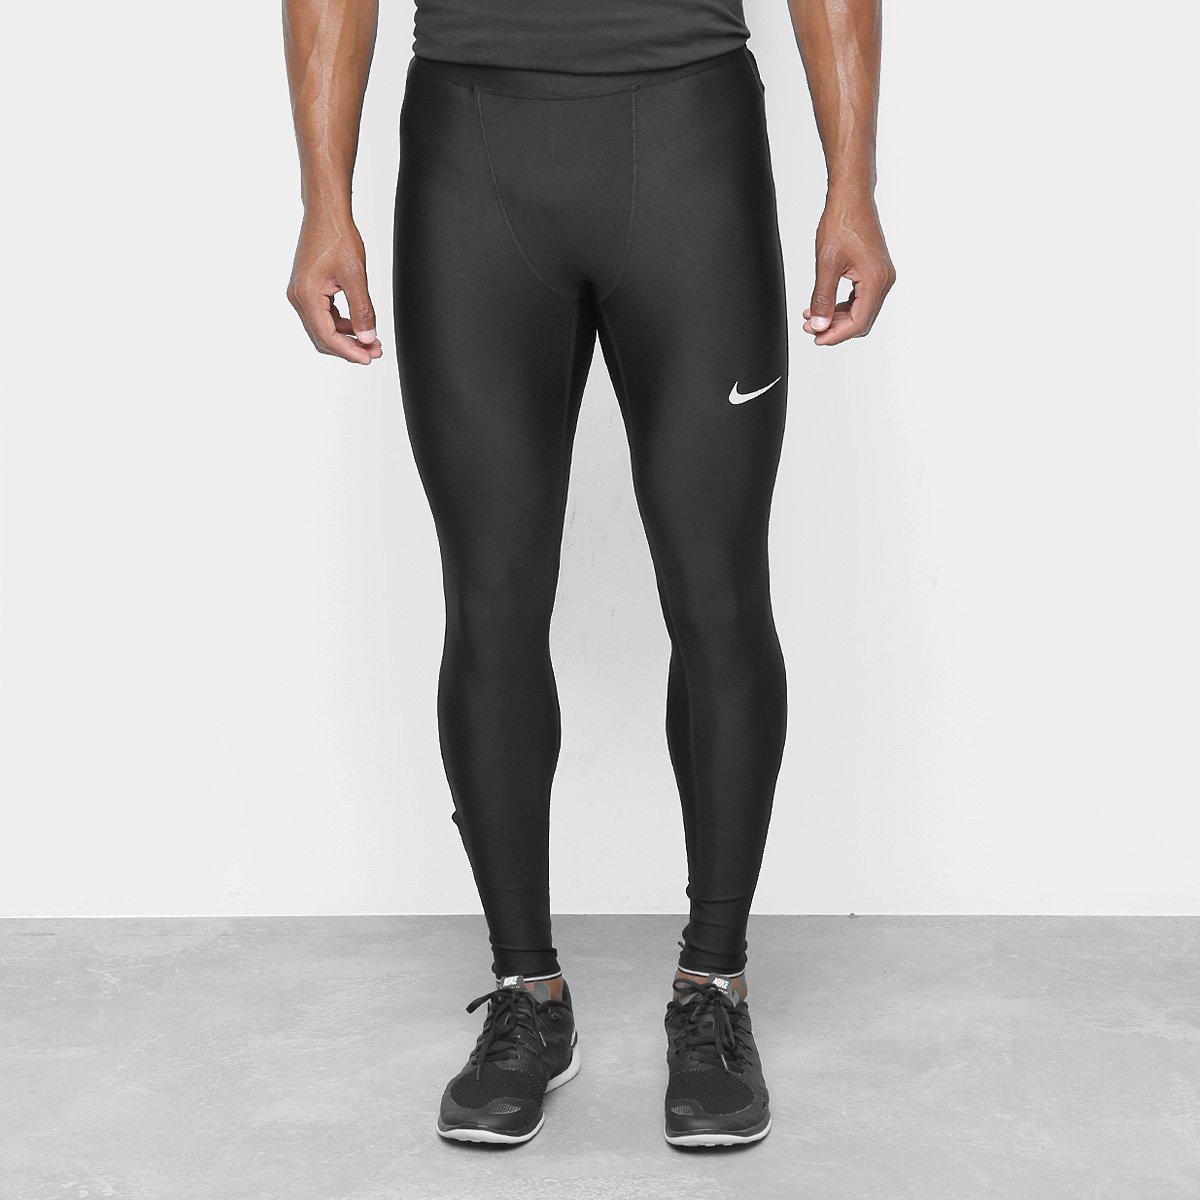 fff766077a2 Calça Nike Run Mobility Tight Masculina - Preto e Prata - Compre Agora